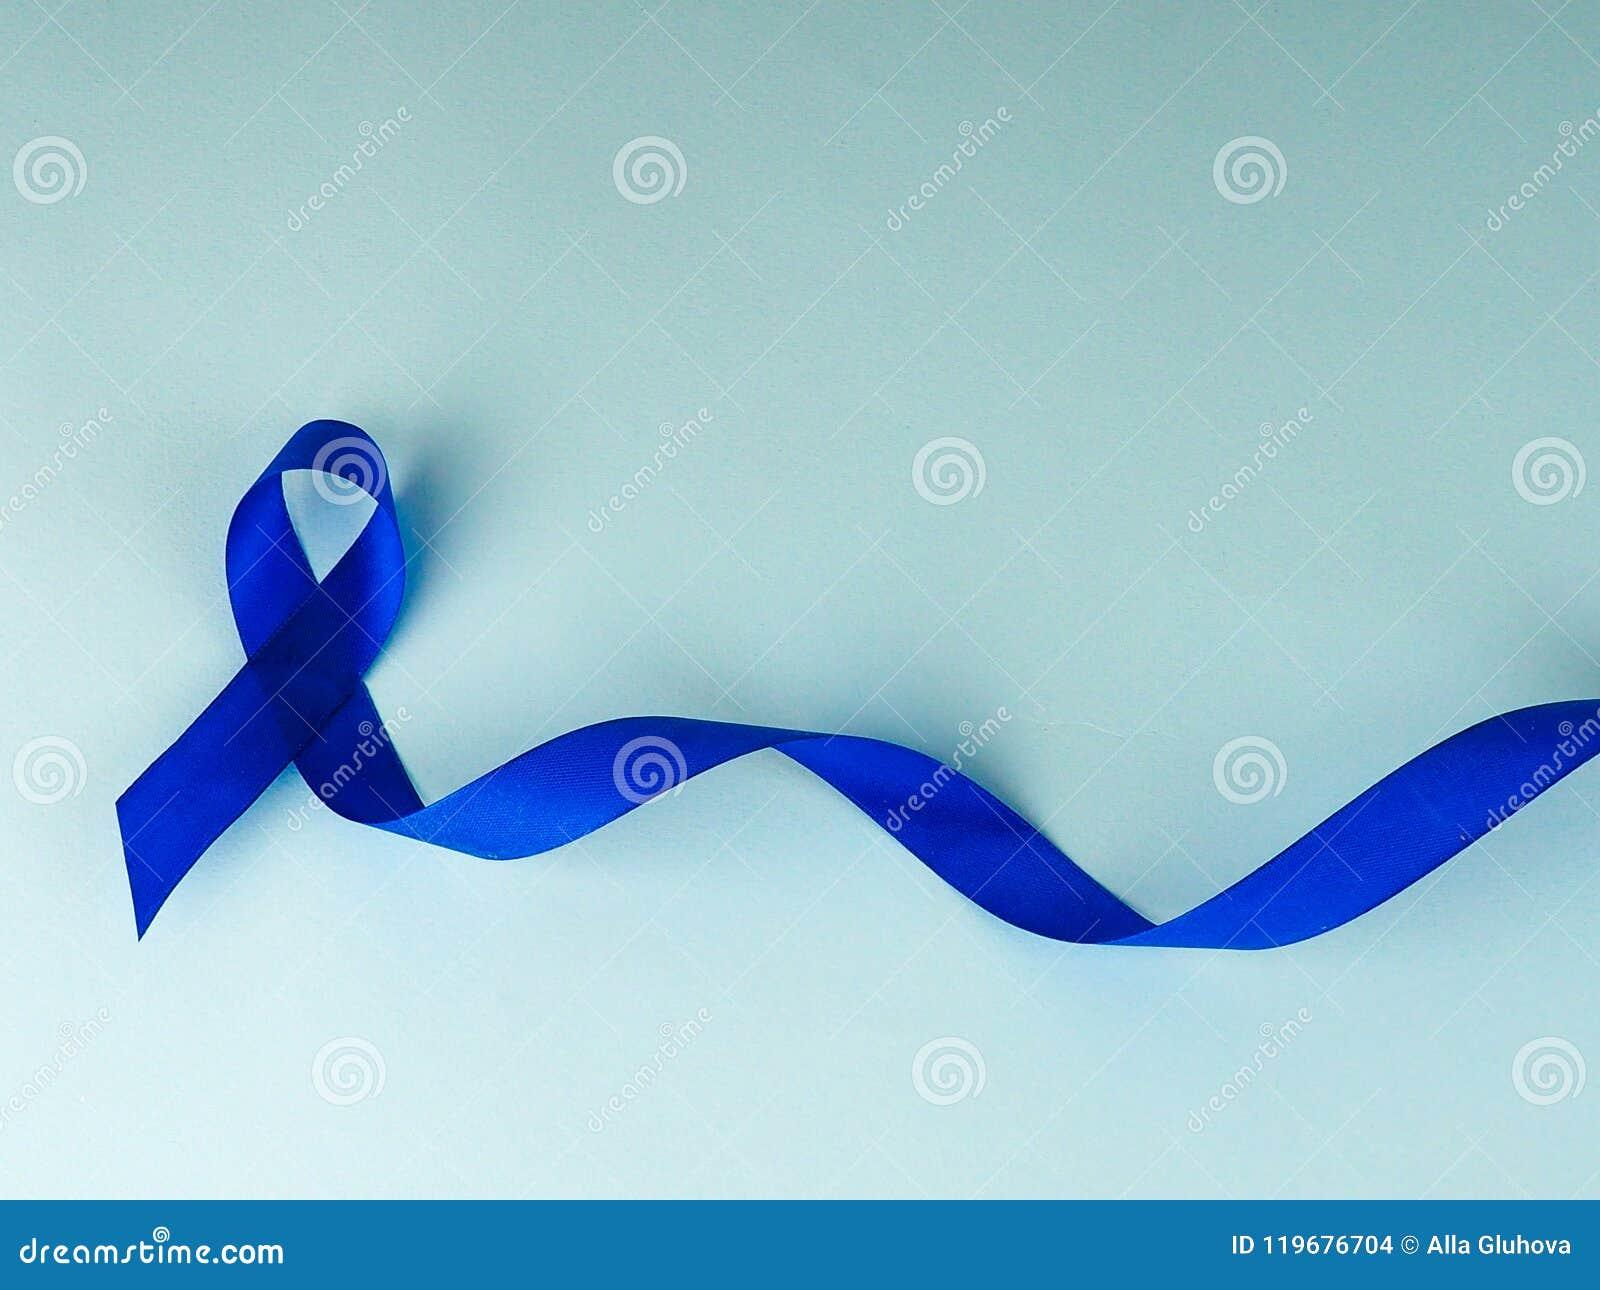 Осведомленность голубой ленты Рак толстой кишки, колоректальная Карцинома, осведомленность насилия над ребенком, день диабета мир